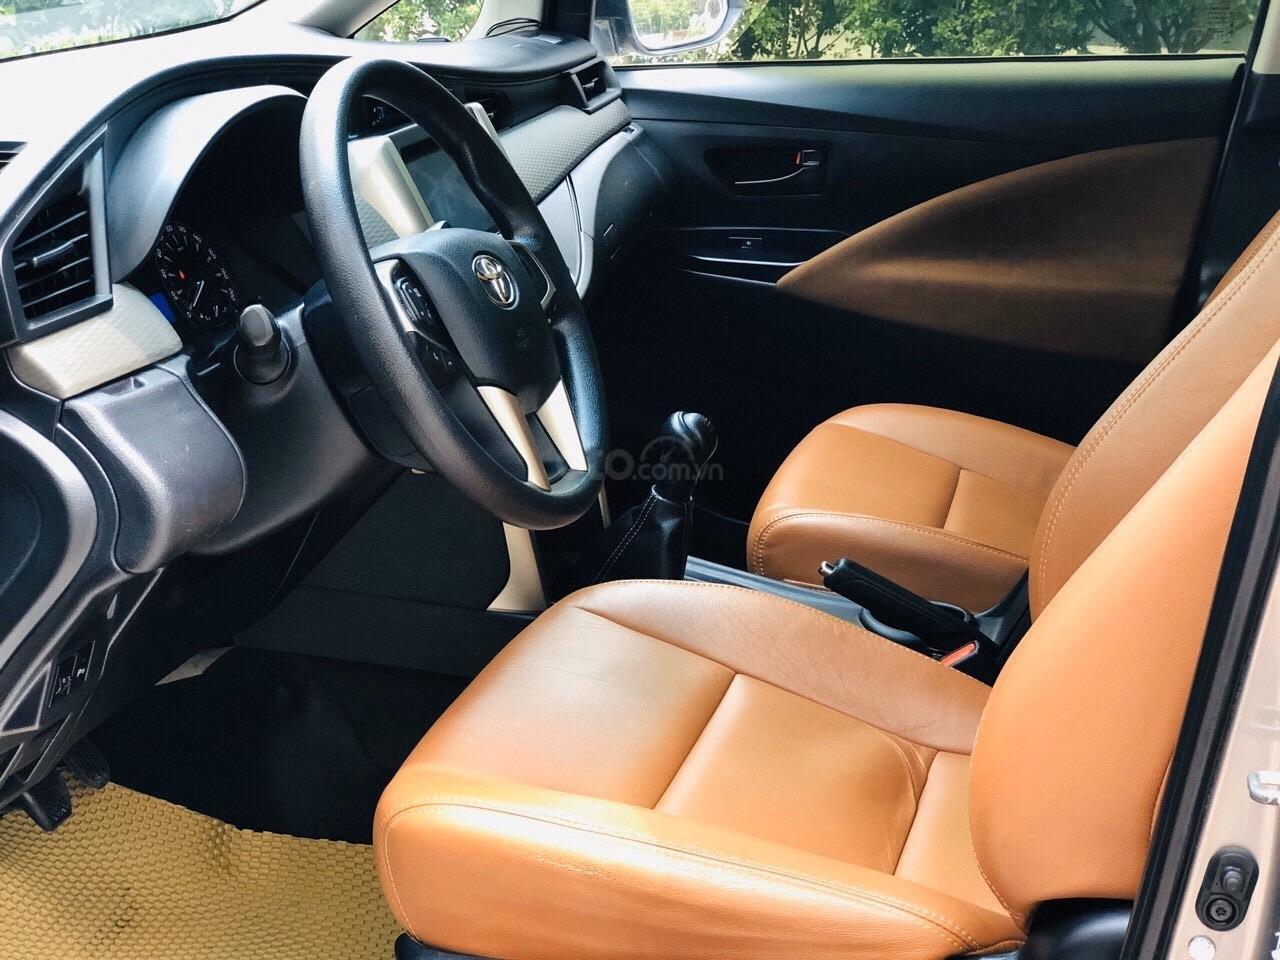 Cần bán xe Toyota Innova 2.0E năm sản xuất 2017, màu xám (ghi) (6)